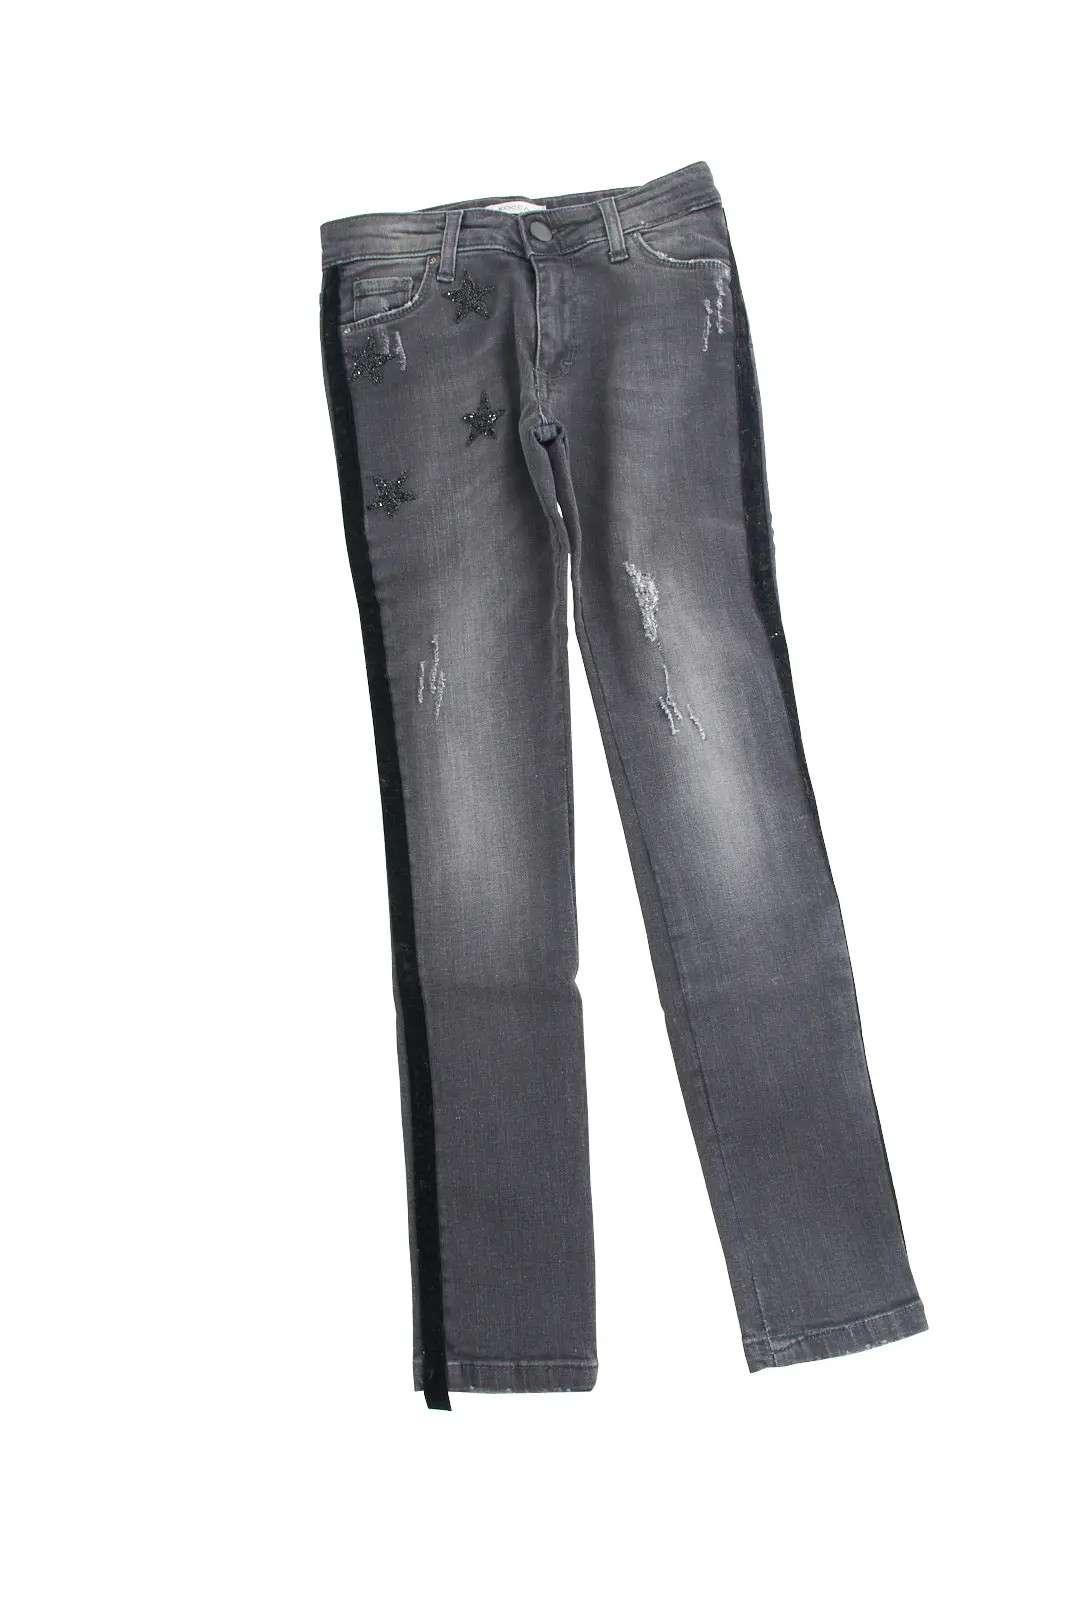 Un jeans dal carattere innovativo quello proposto dalla collezione bambina di Shop Art. Caratterizzato dalle bande laterali in velluto e dalle stelle ricoperte di strass, è perfetto da indossare sia con camicie che con top.